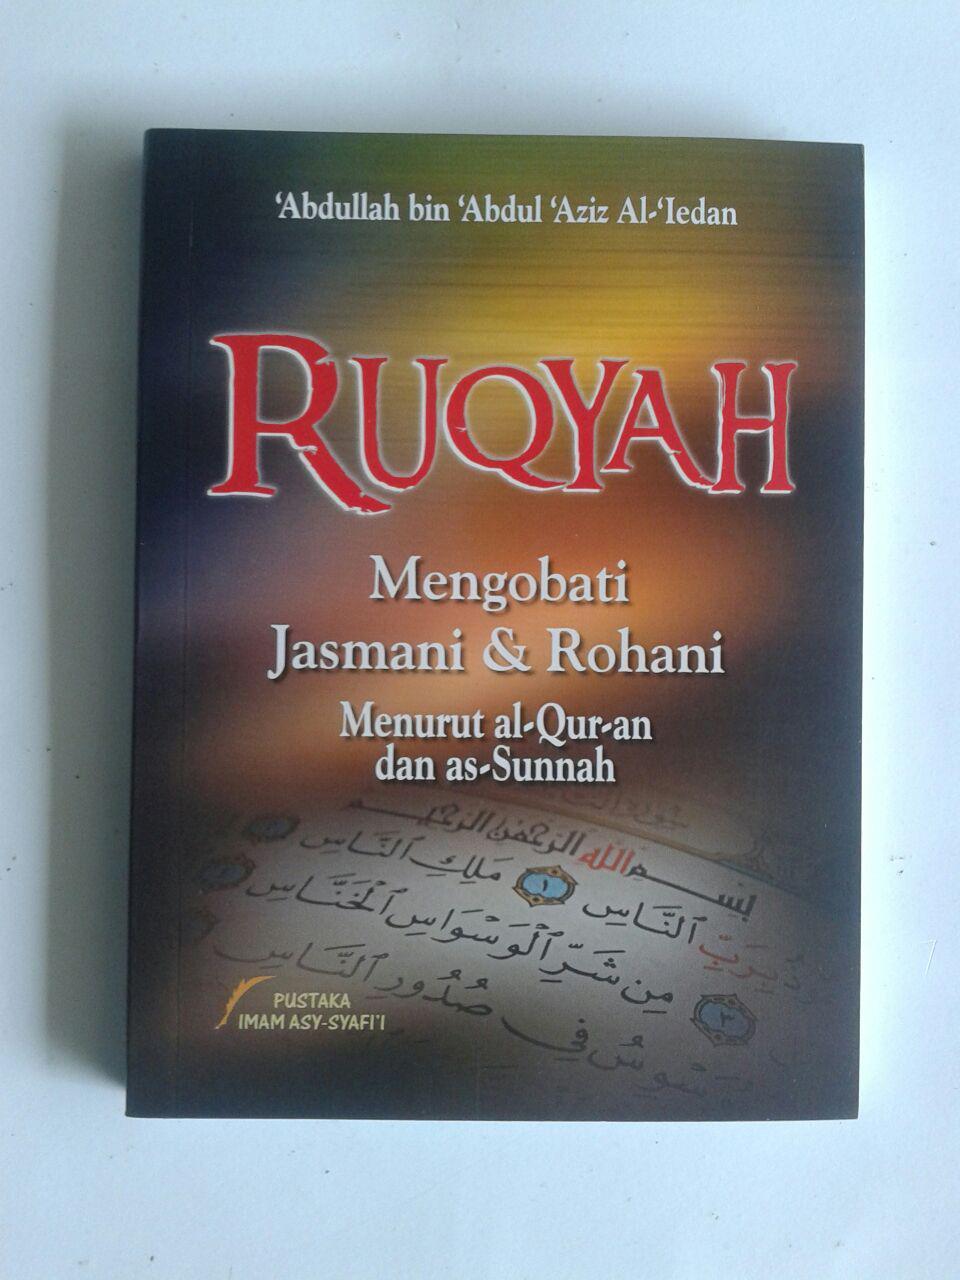 Buku Ruqyah Mengobati Jasmani & Rohani cover